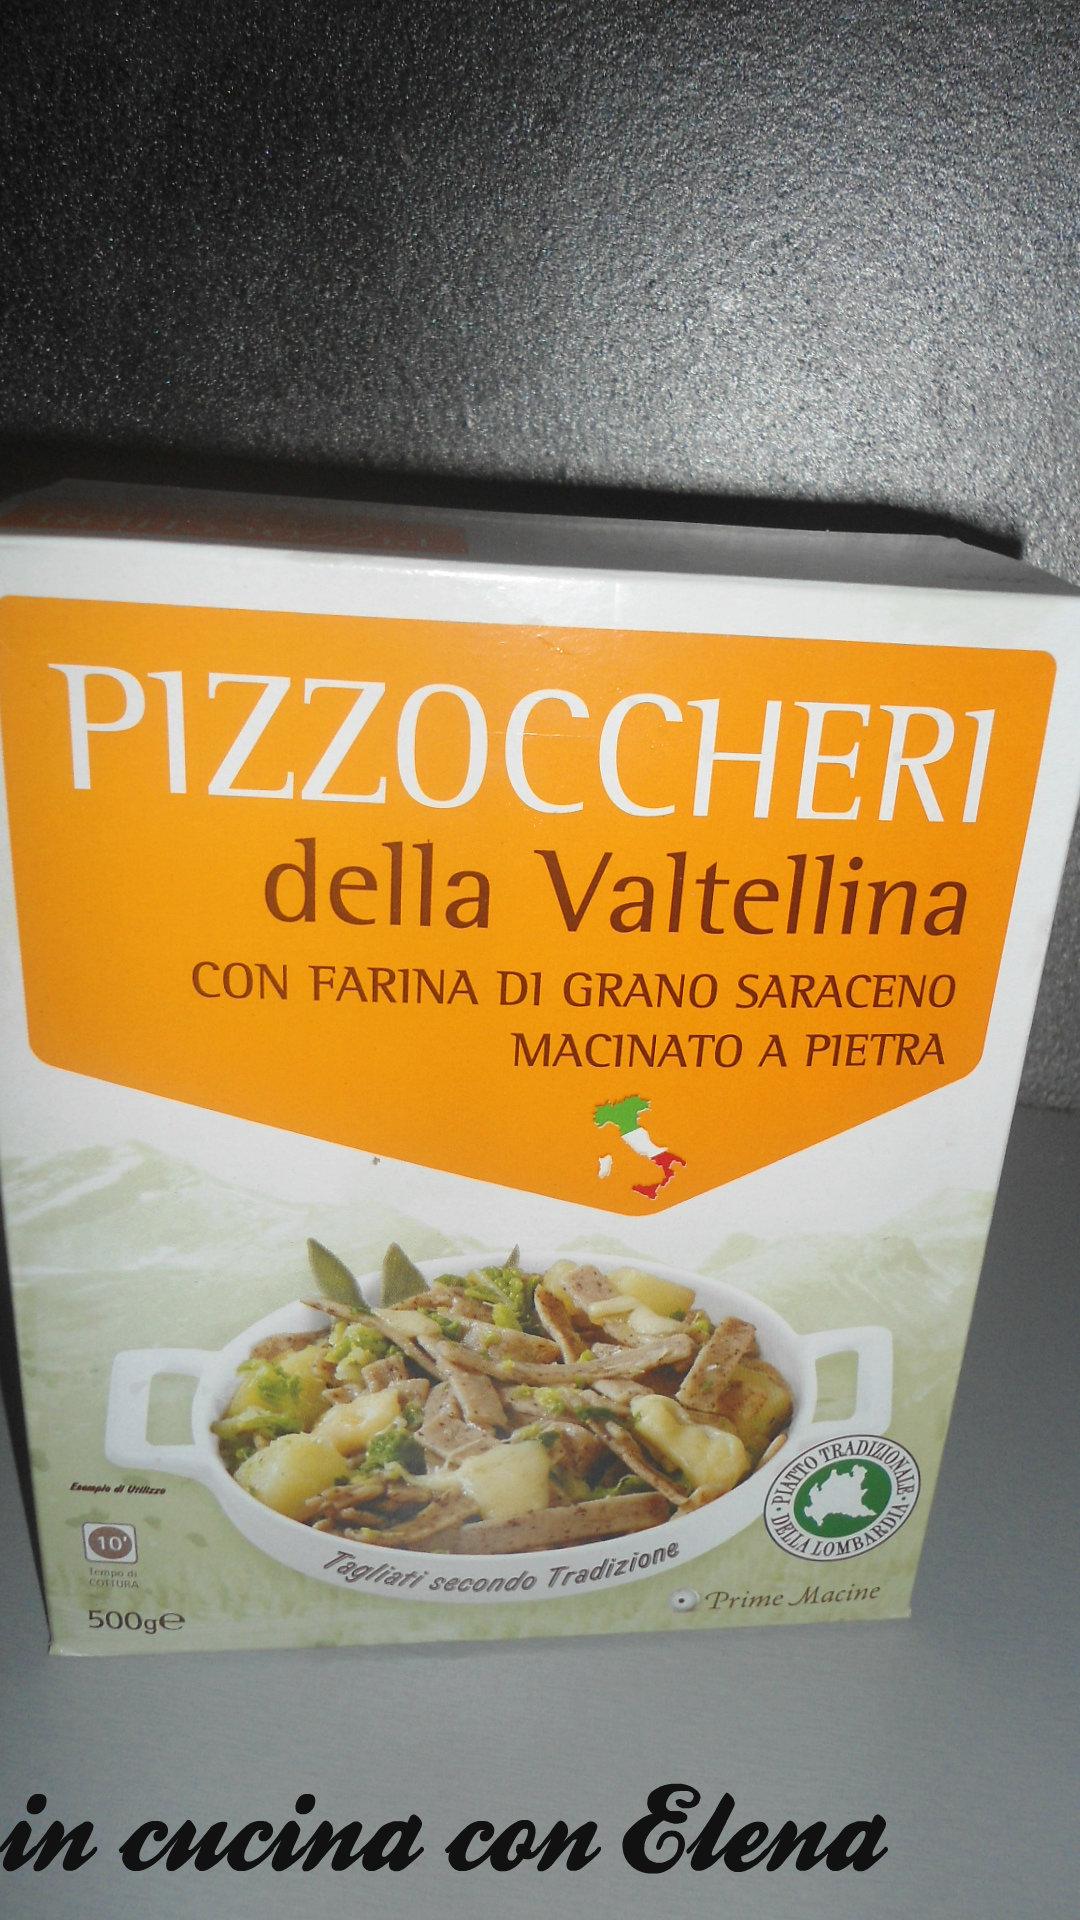 Pizzoccheri alla valtellinese ricetta tradizionale in cucina con elena - In cucina con elena ...